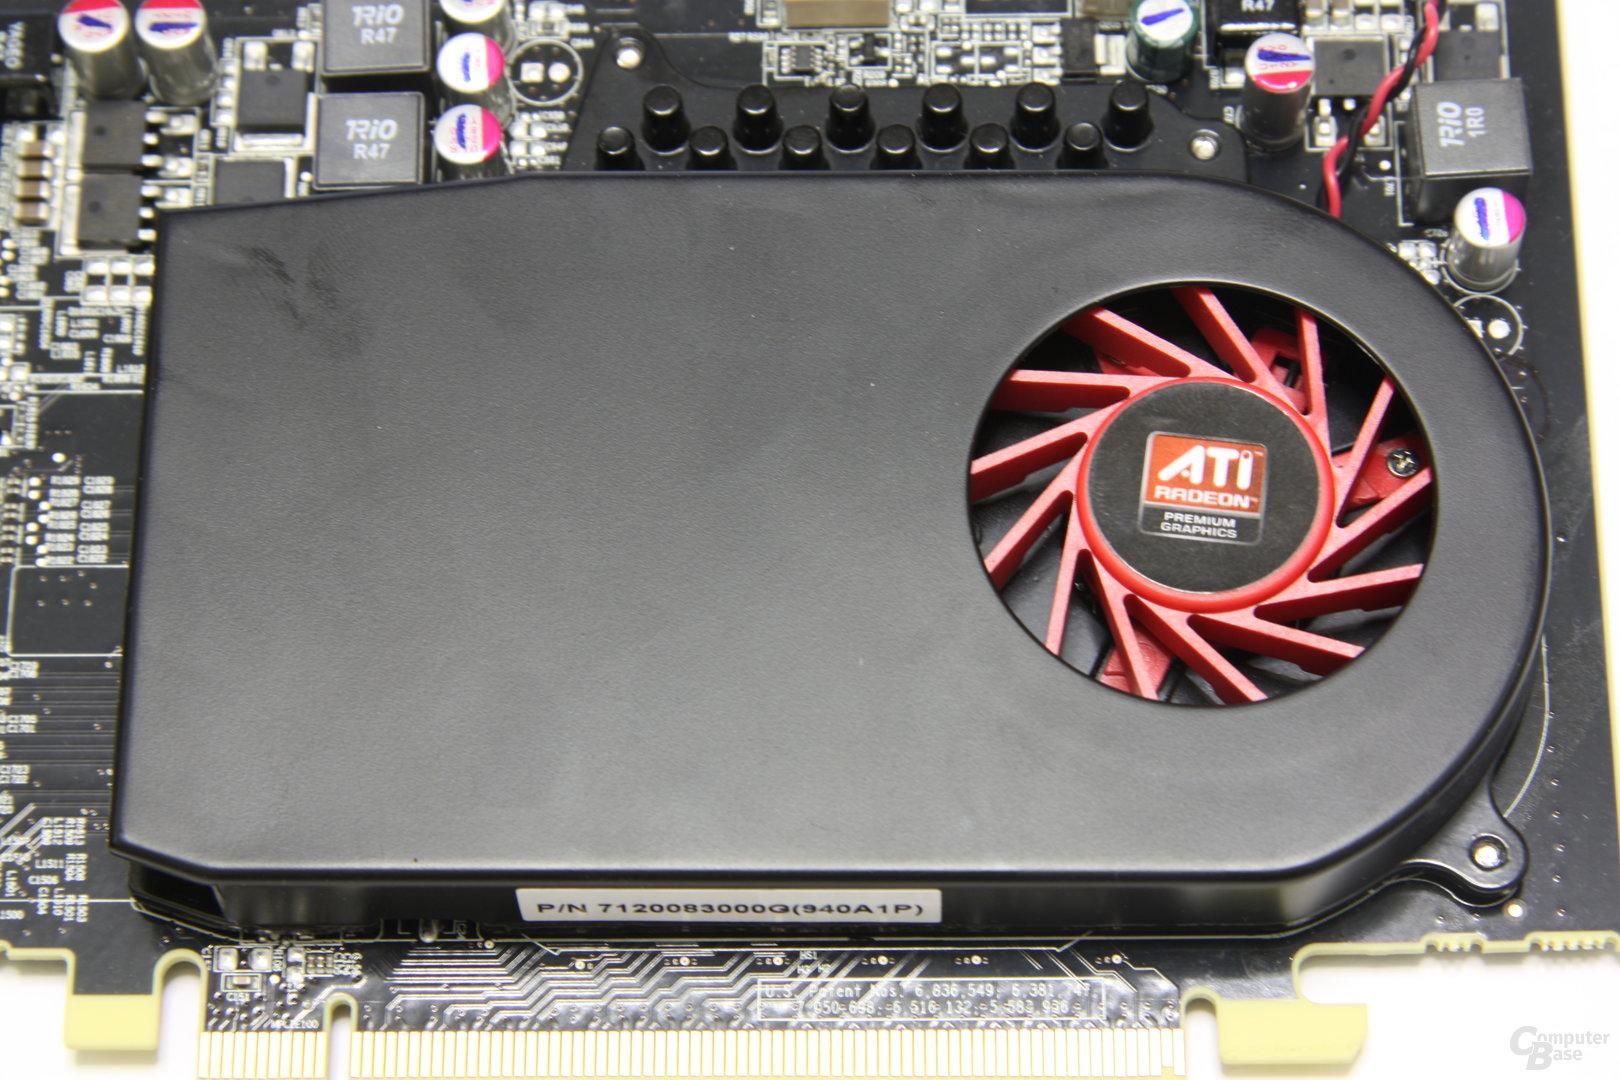 Radeon HD 5670 Kühler